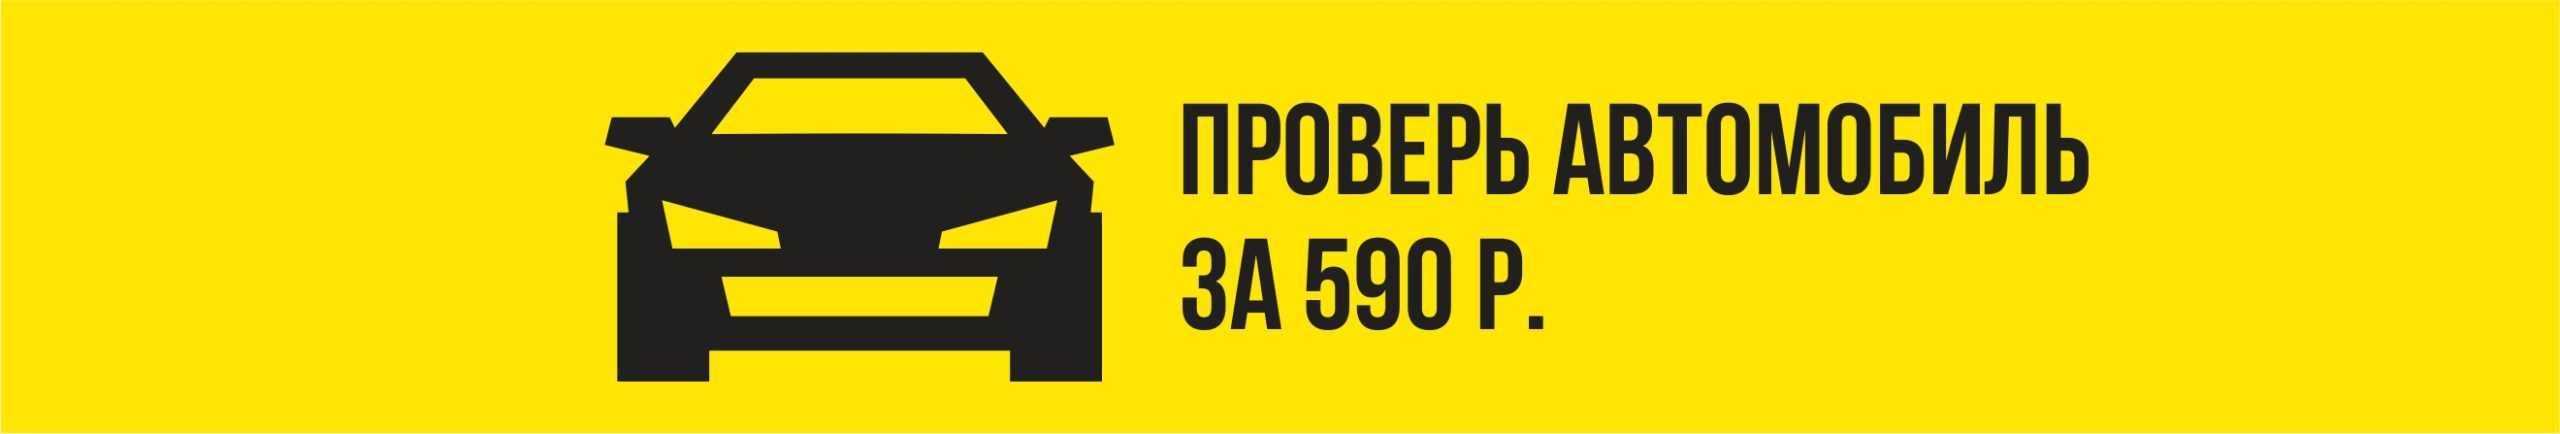 Сервис Ниссан «Гараж» - обслуживание автомобилей в автосервисе Nissan в Москве (СВАО, САО, ЮЗАО, ЮВАО, ВАО)